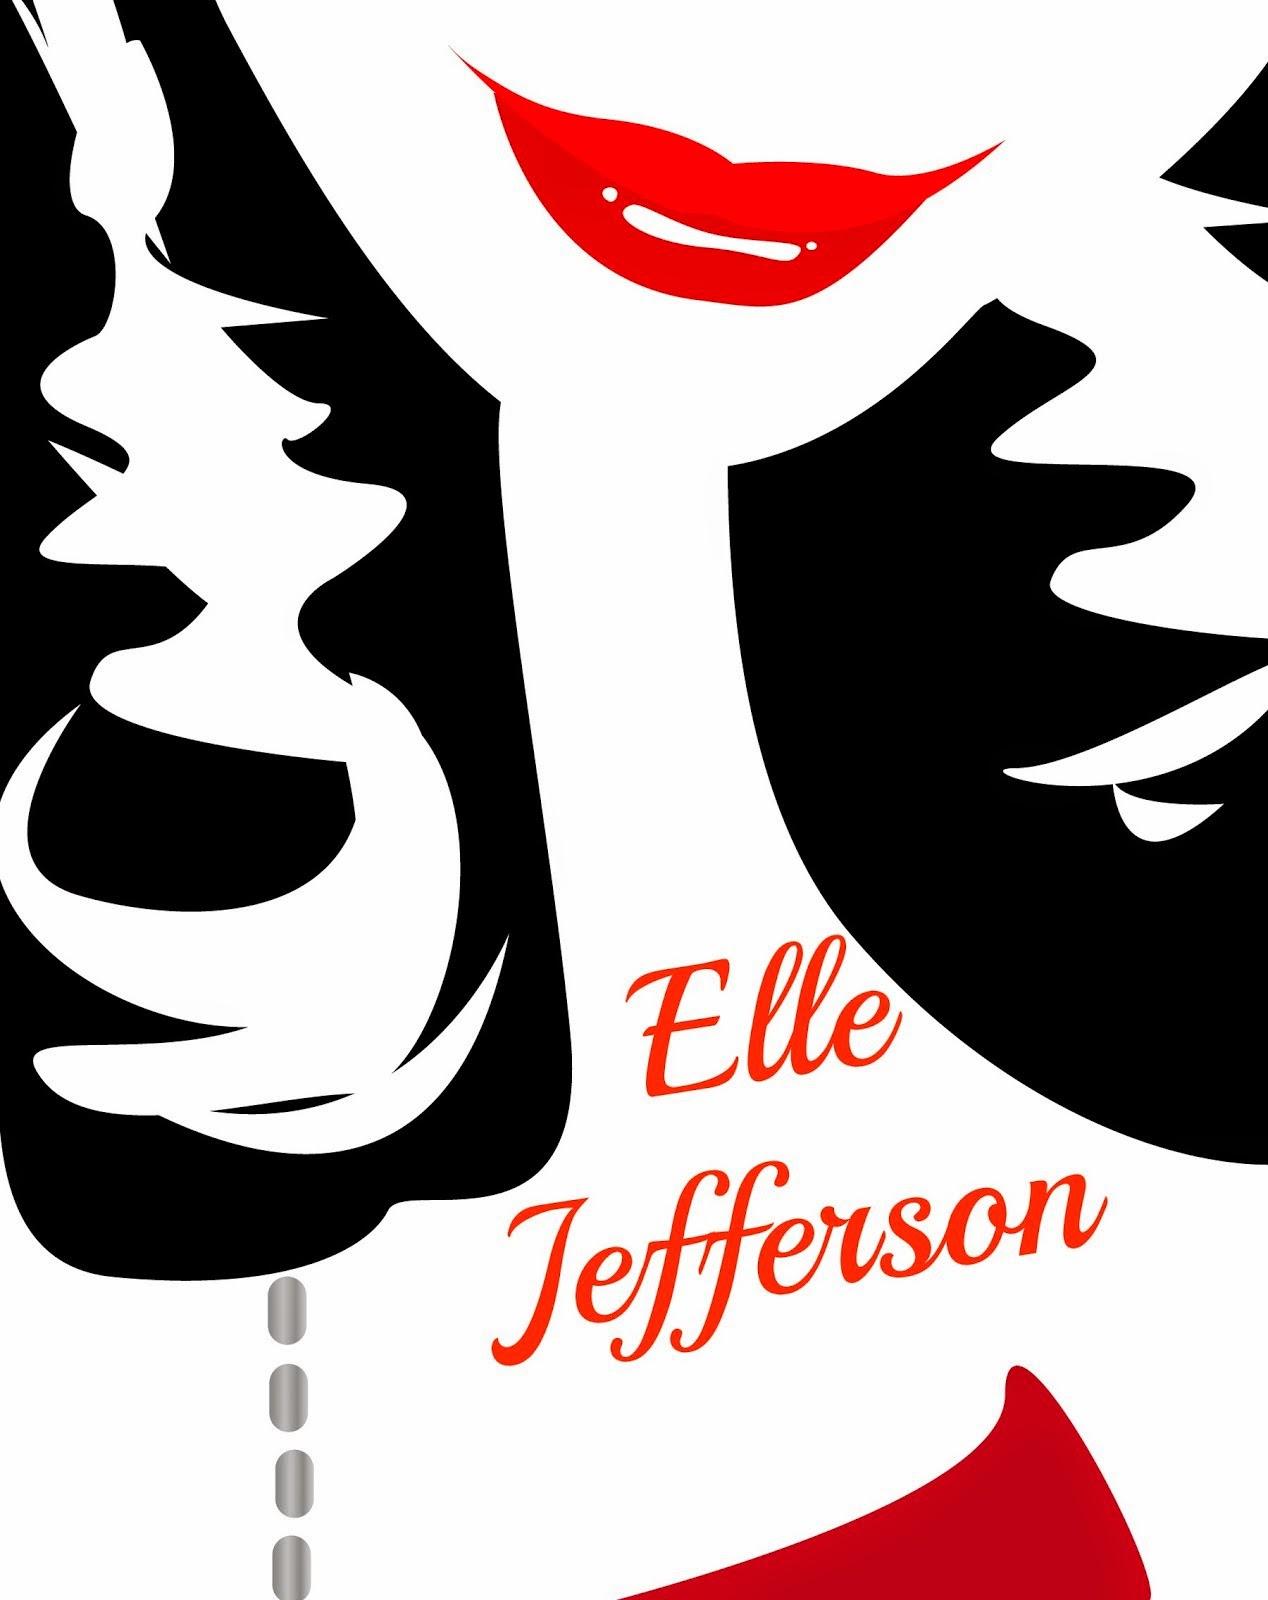 Elle Jefferson